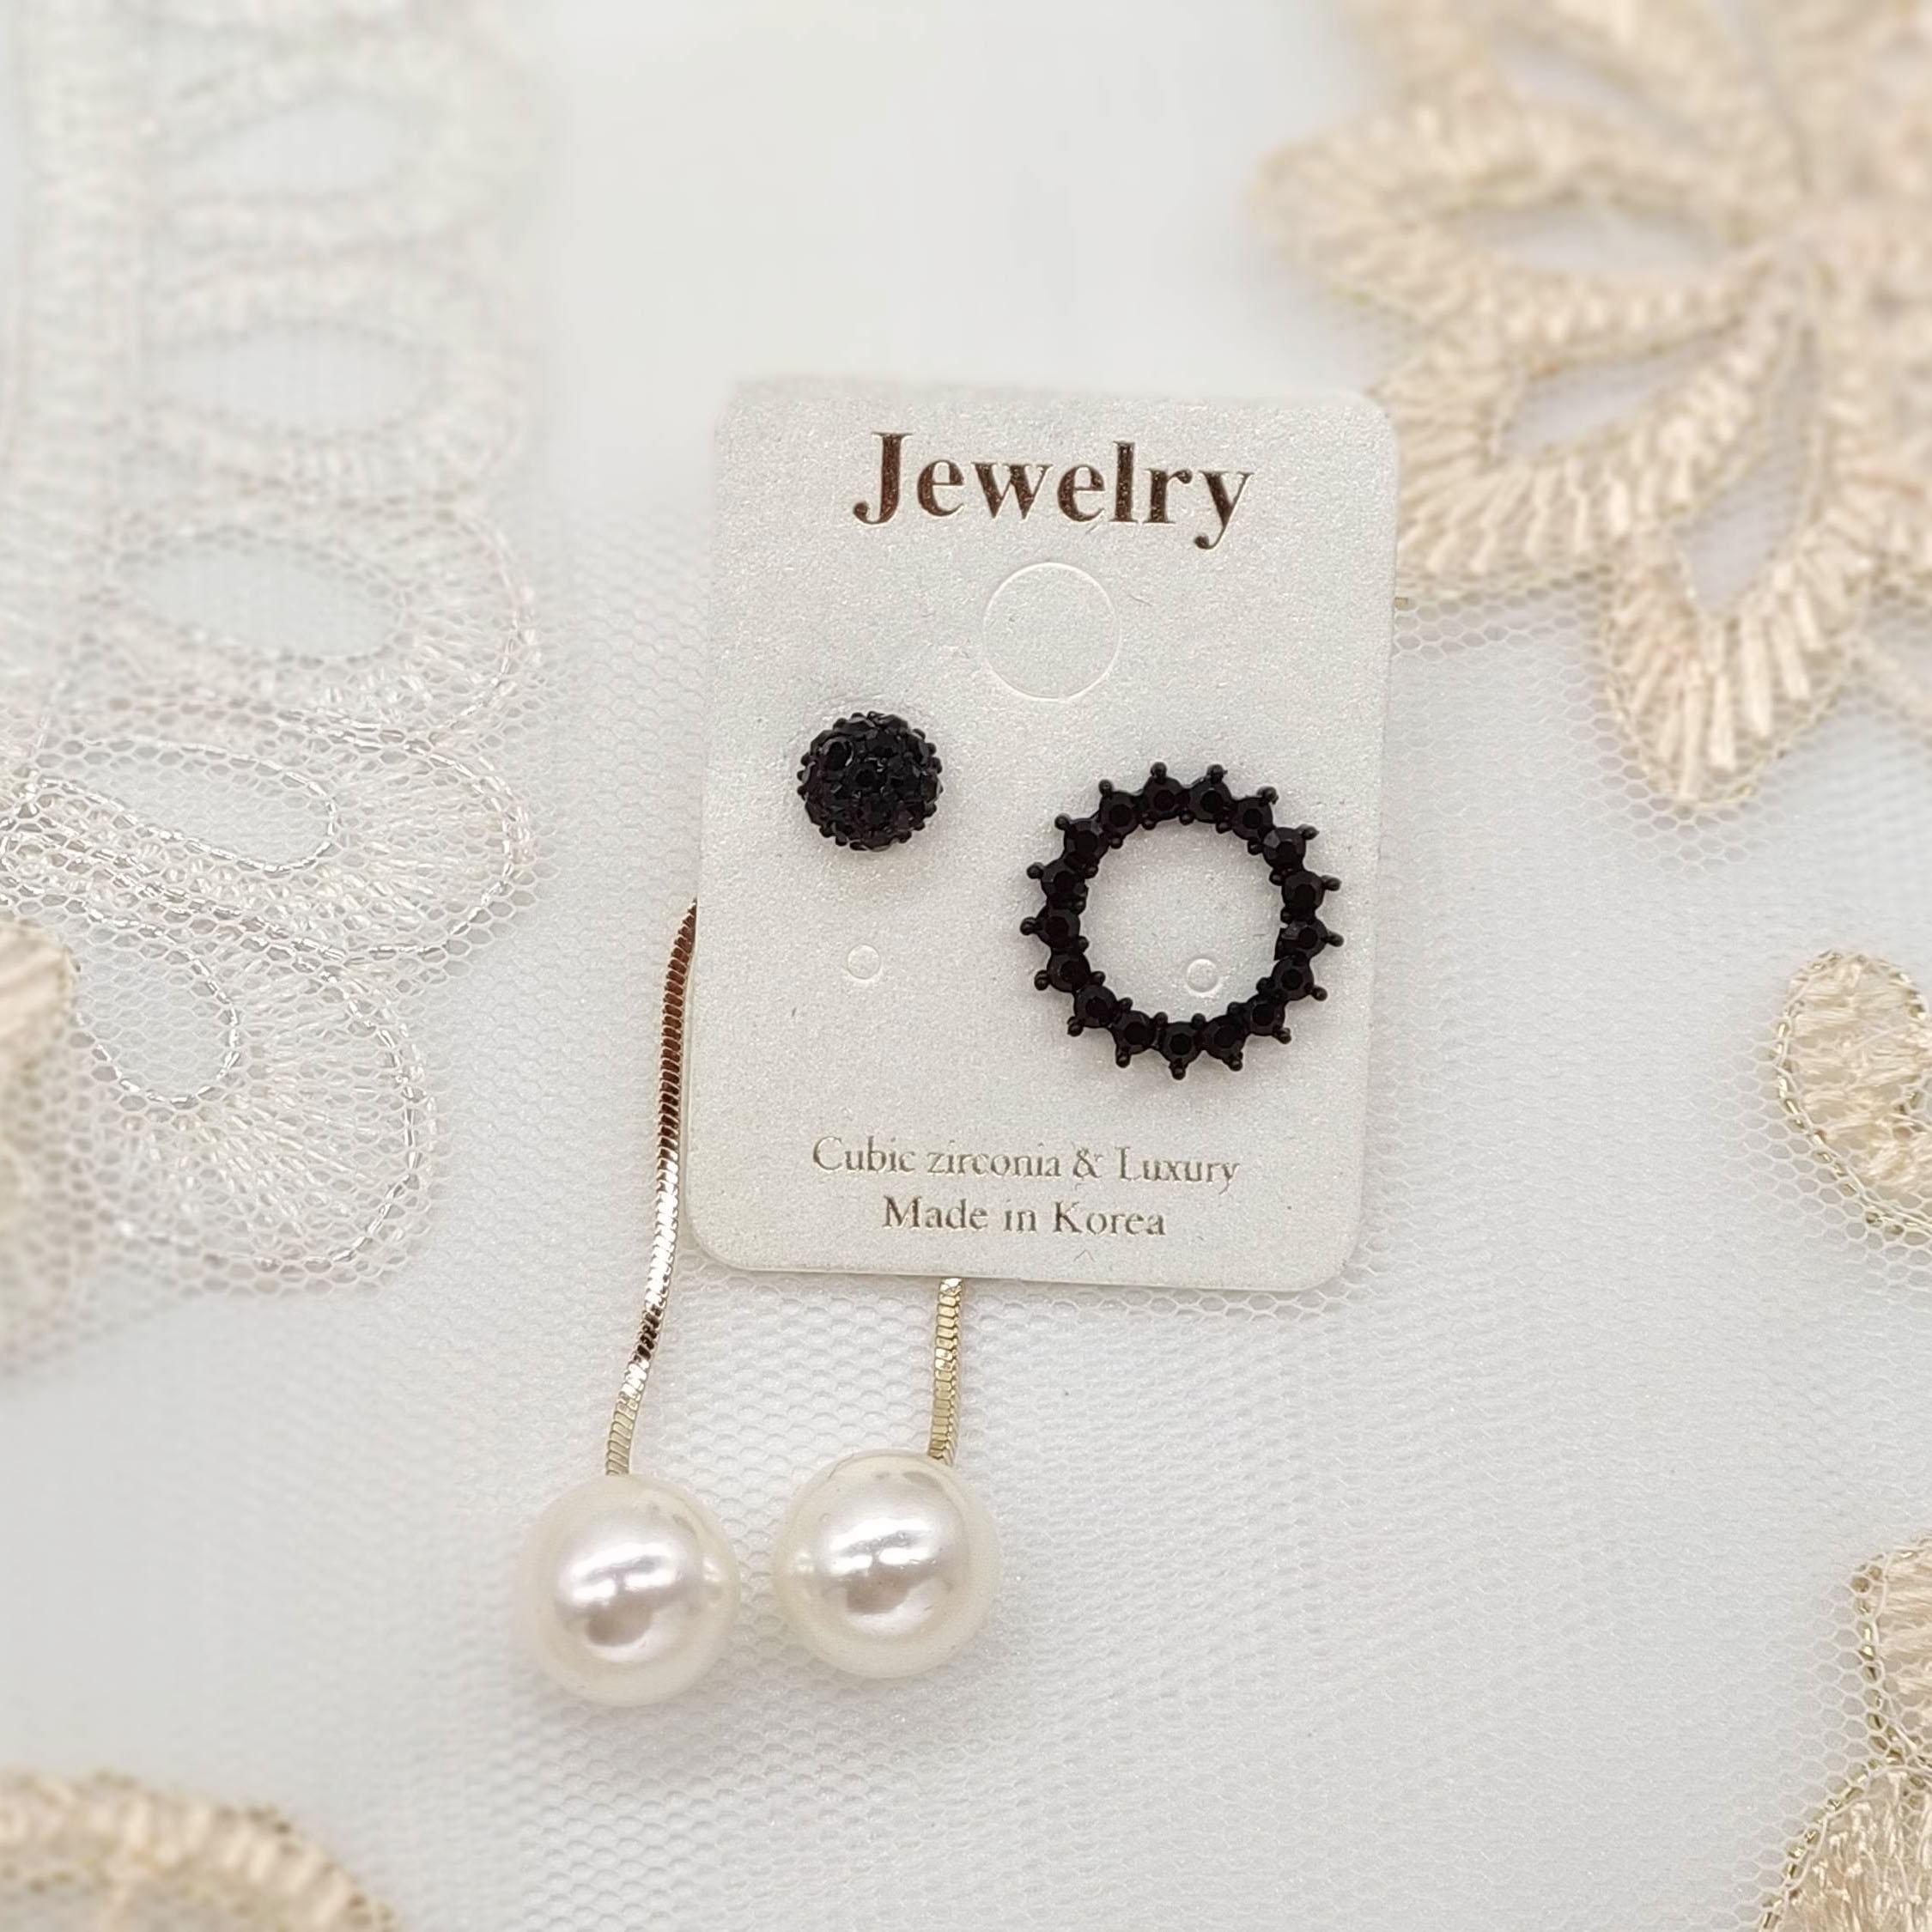 韓國製造-黑色閃鑽圈圈不對稱珍珠長耳環